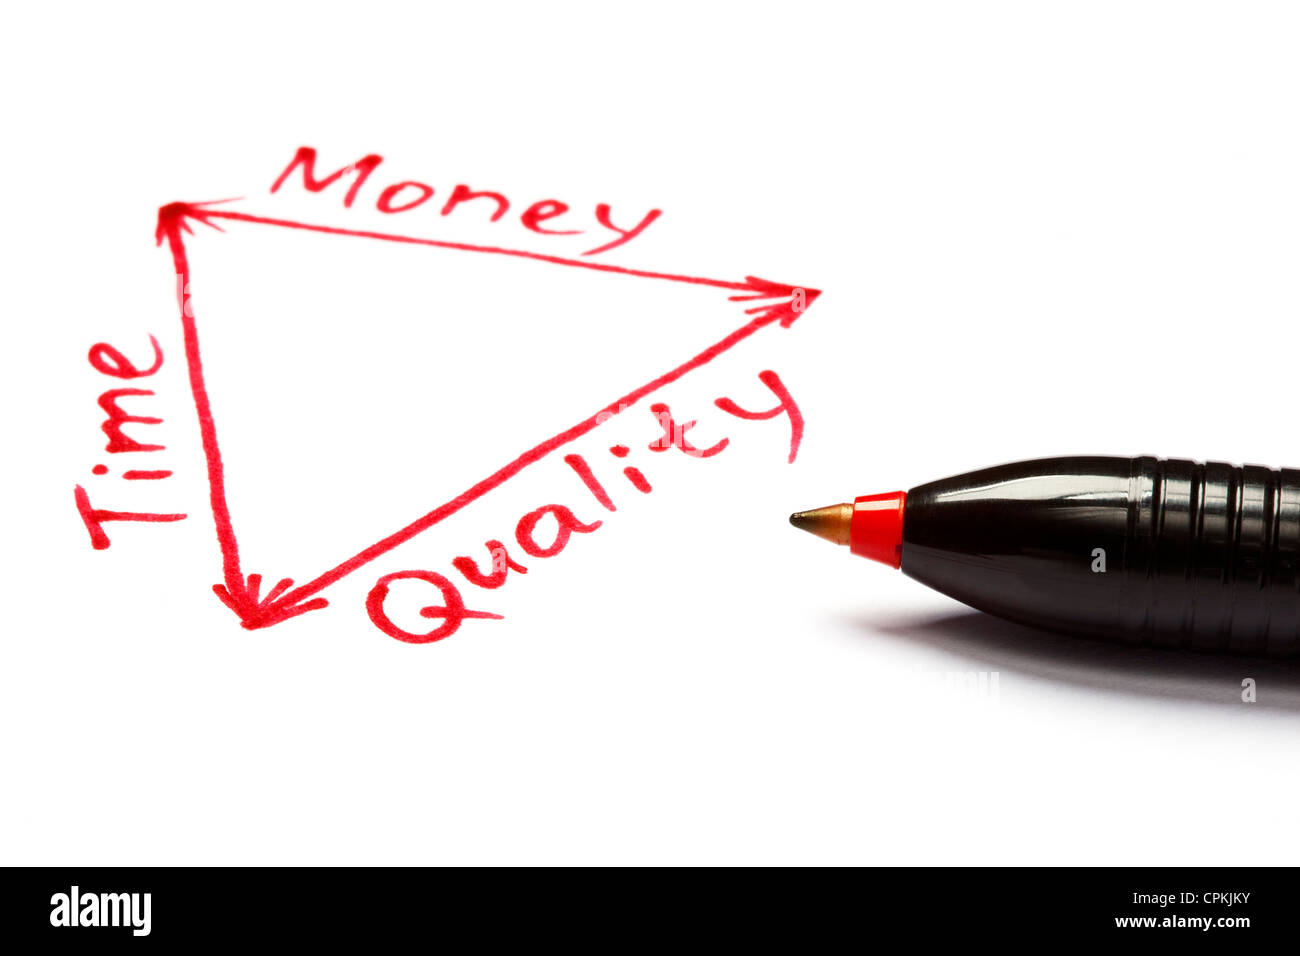 Plan de administración de proyectos en un diagrama sobre el equilibrio entre tiempo, dinero y calidad. Imagen De Stock